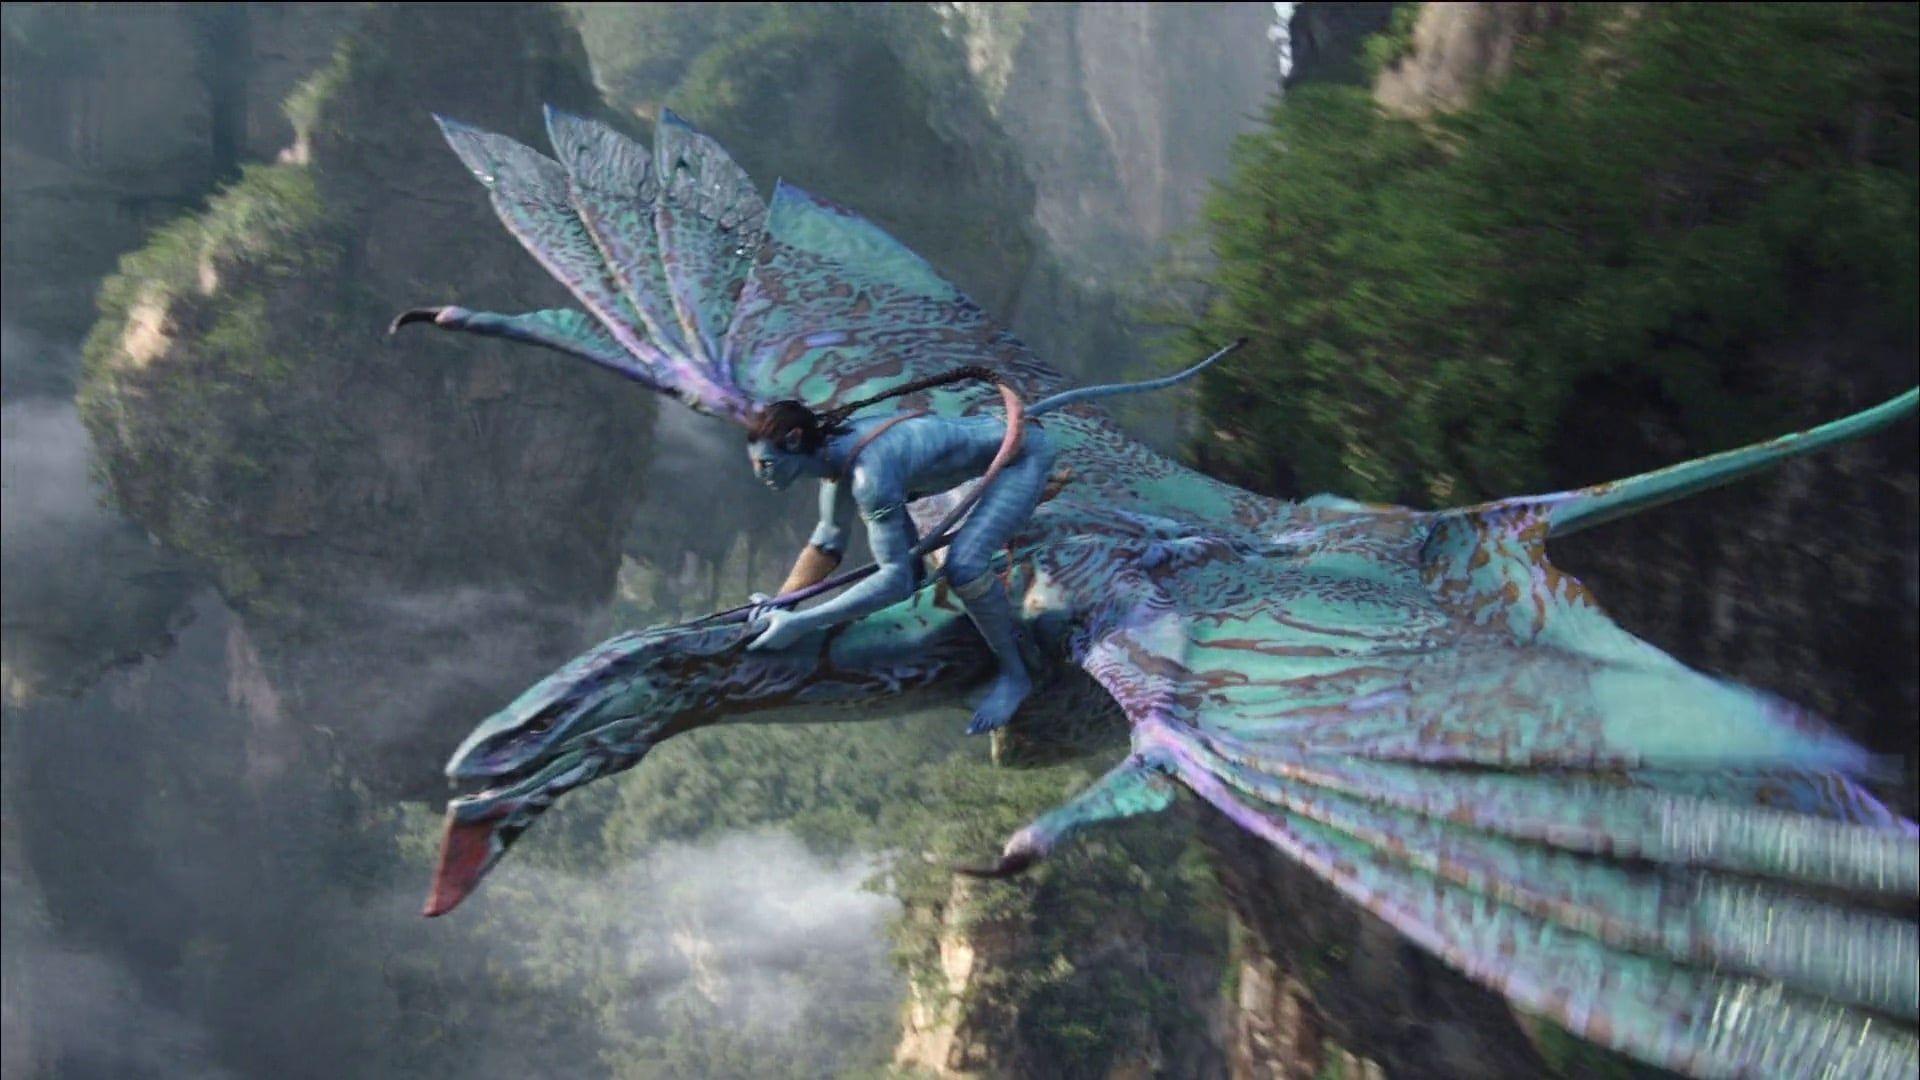 Avatar 2009 Streaming Ita Cb01 Film Completo Italiano Altadefinizione Jake Sully E Un Marine Costretto Su Una Sedia A Rotelle Avatar Movie Avatar Avatar Disney